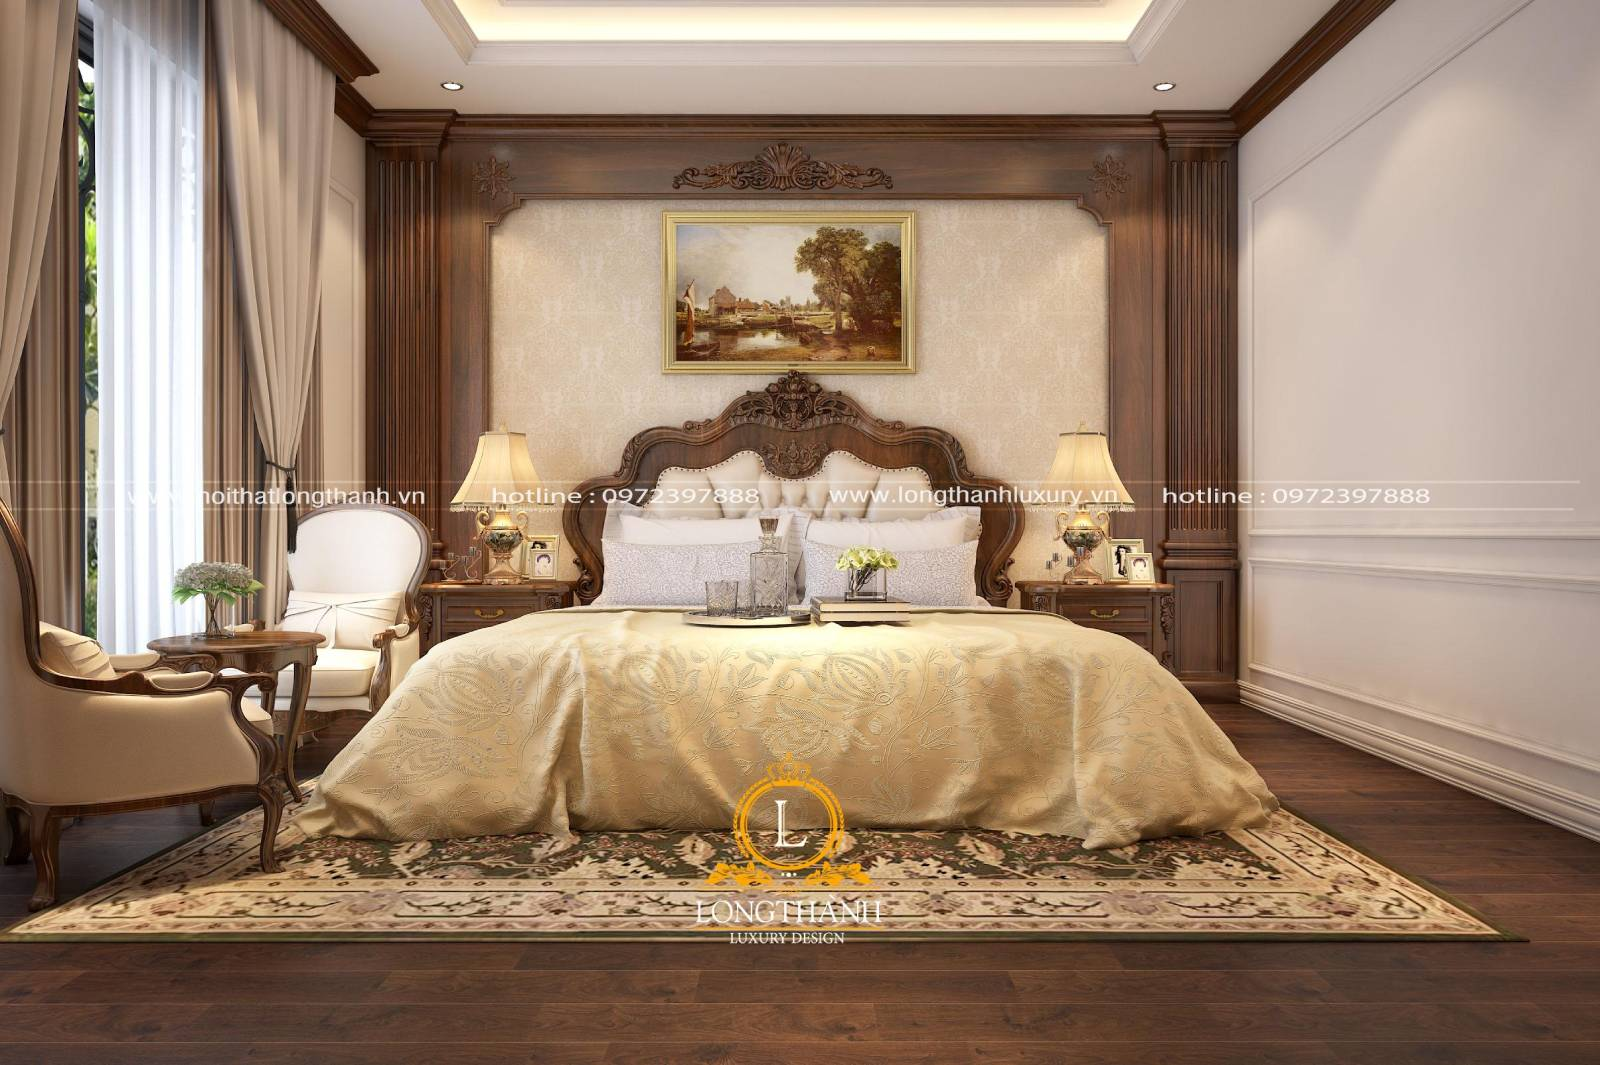 Bộ nội thất tân cổ điển gỗ tự nhiên cho phòng ngủ biệt thự